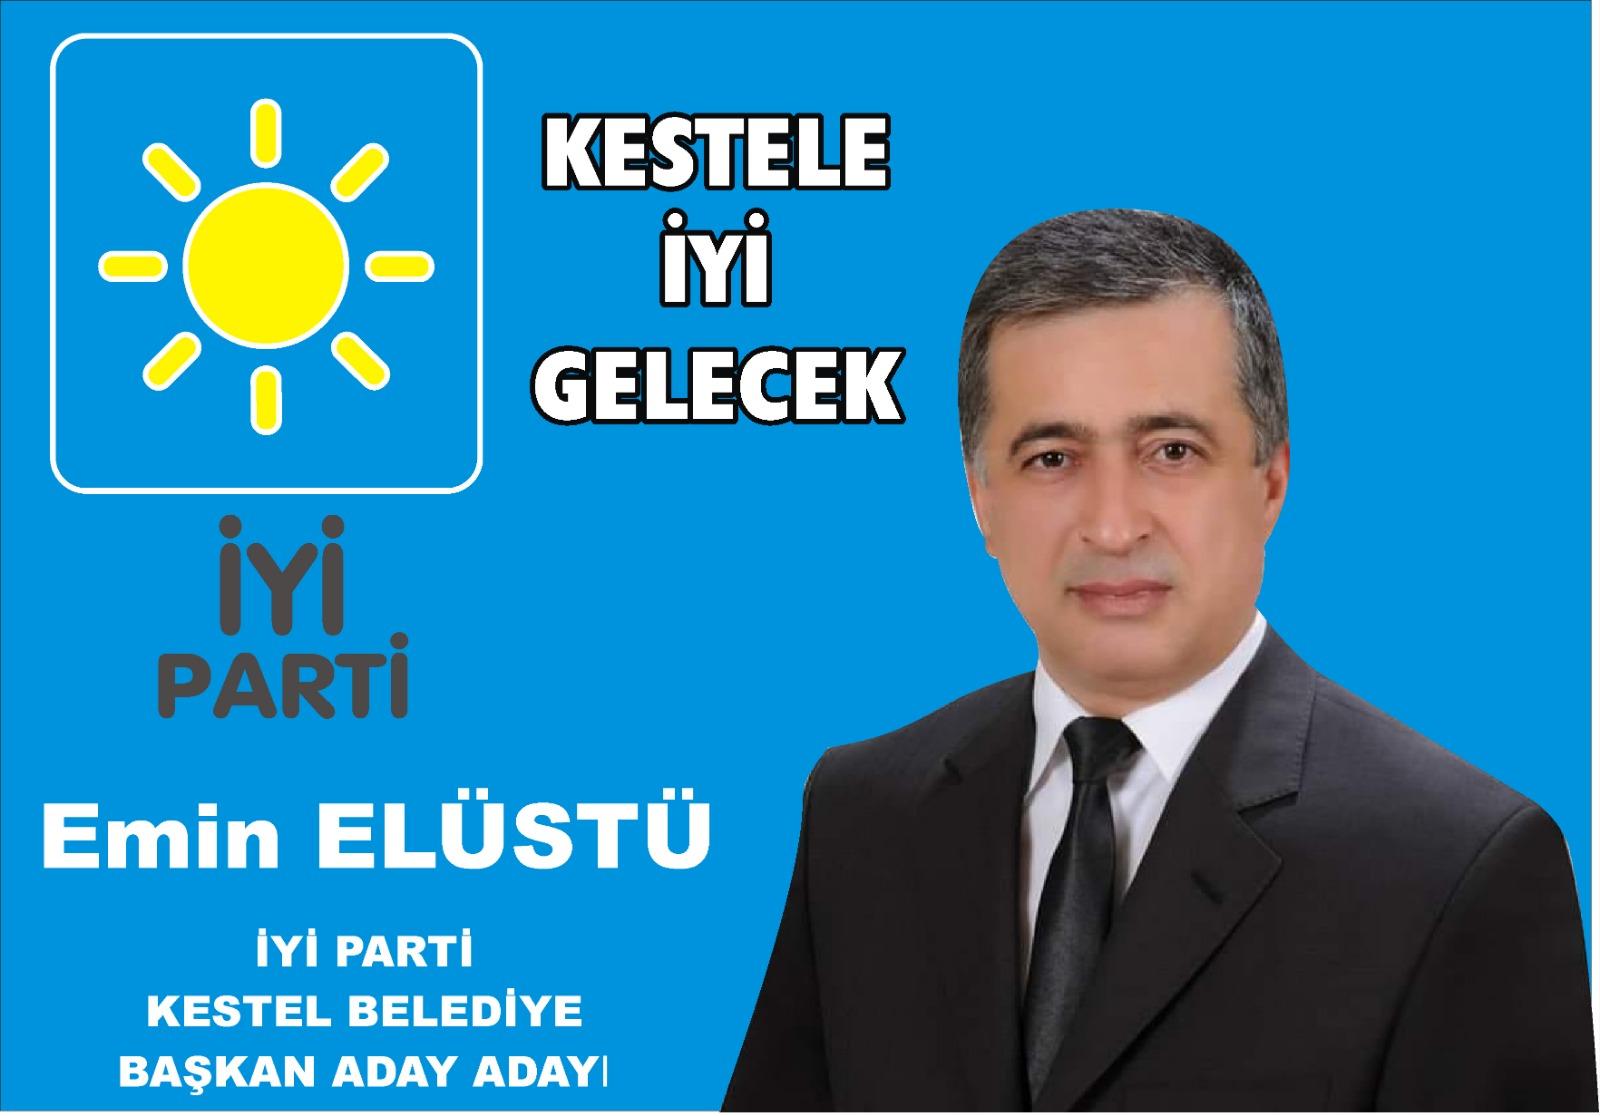 Emin Elüstü, İYİ PArti Kestel Belediye Başkan Aday Adayı